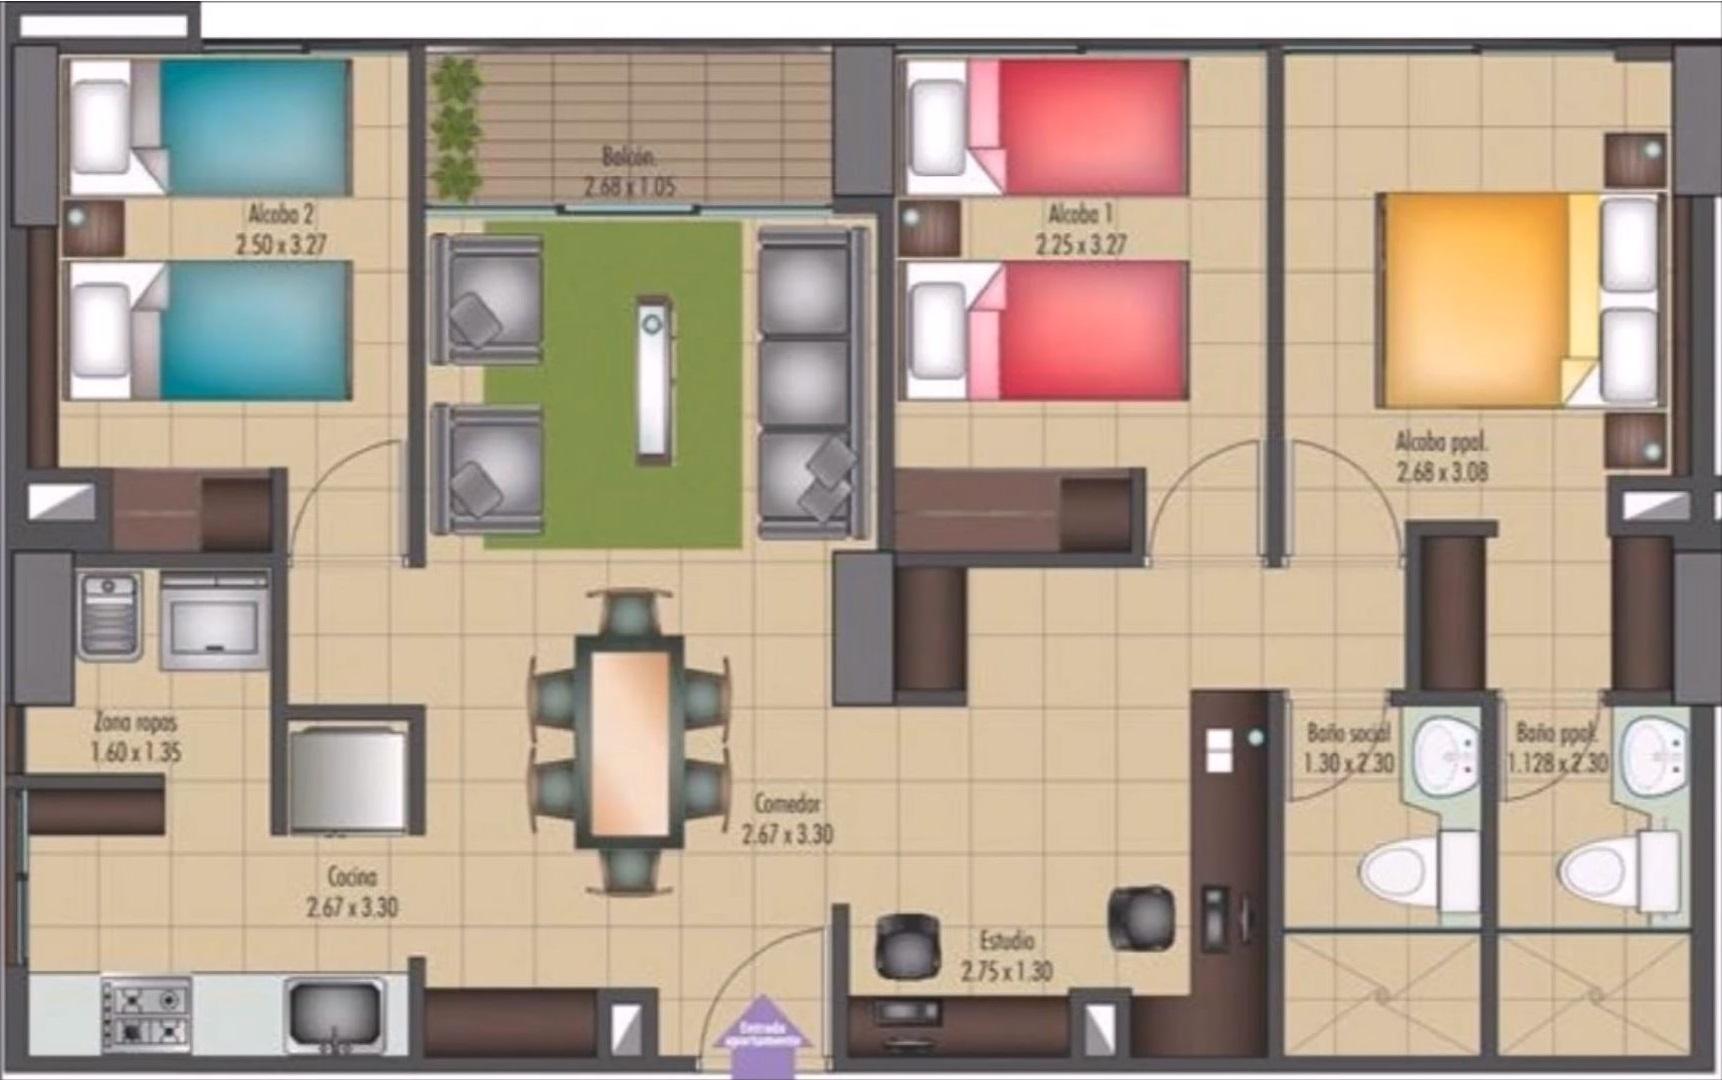 Ventajas de las casas de un solo piso for Modelos de casas de una sola planta